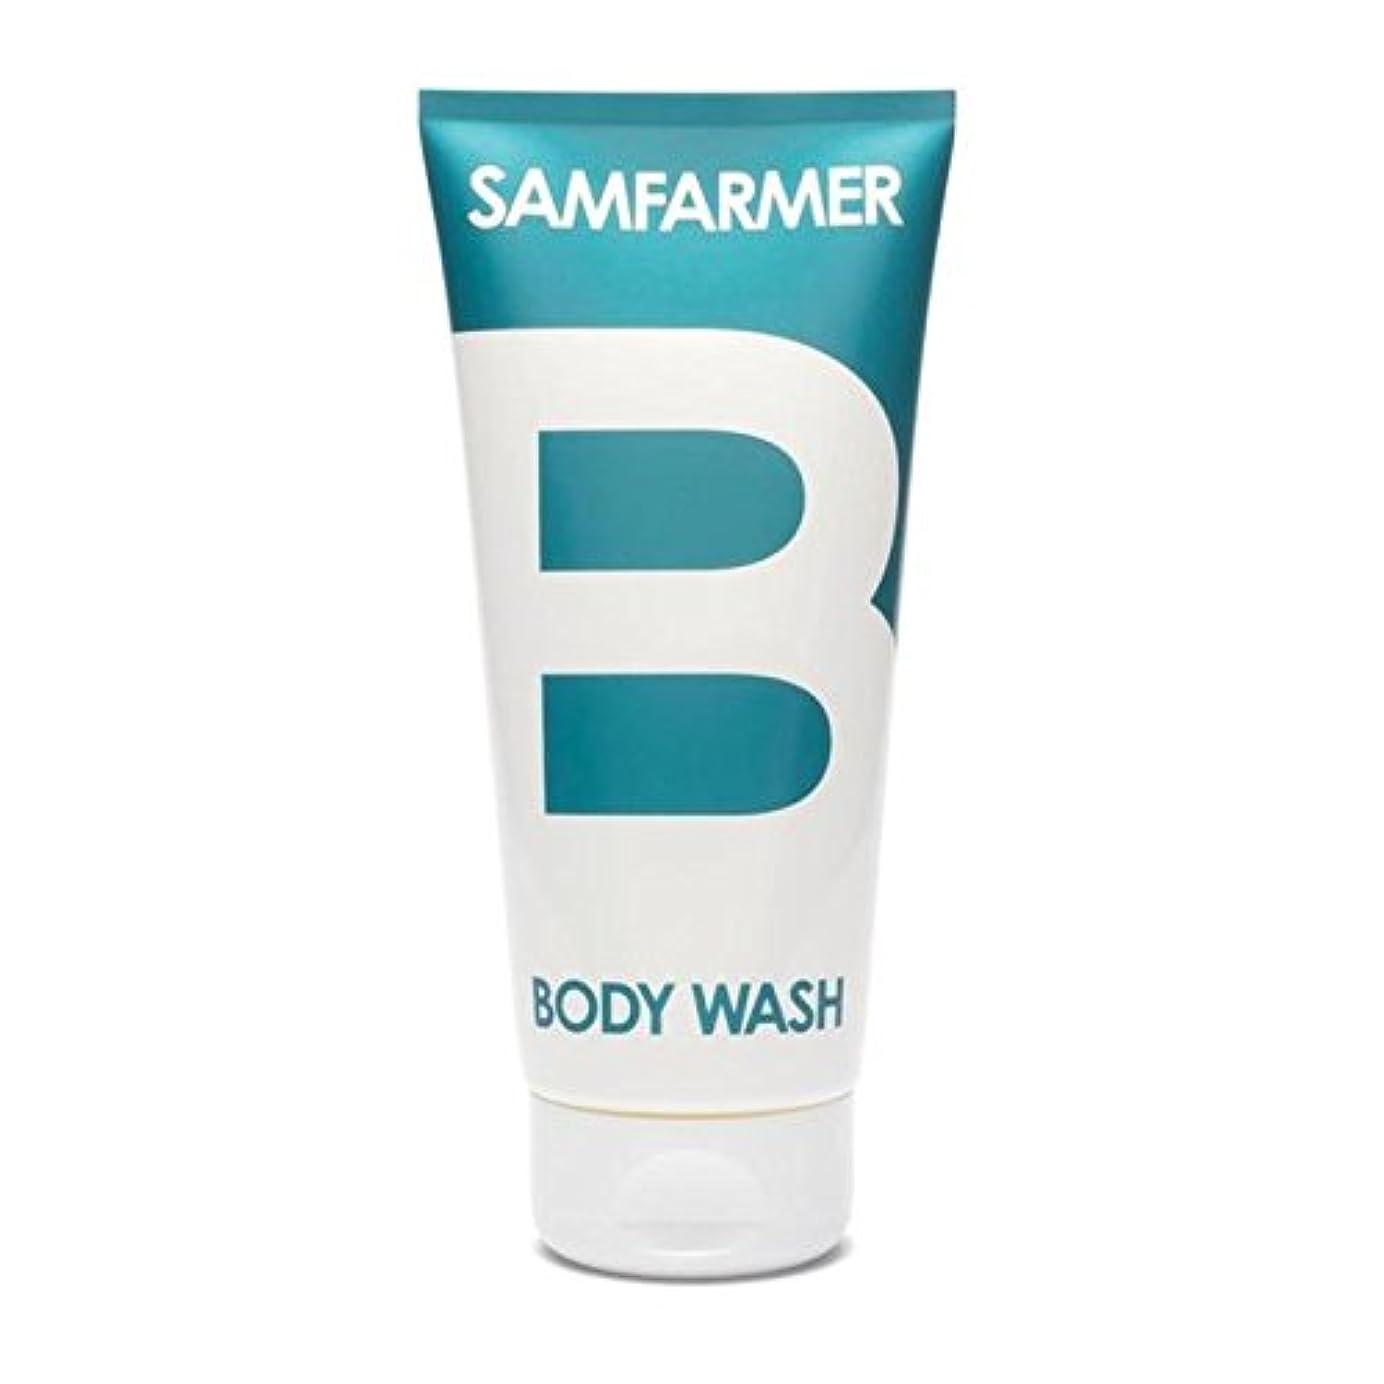 シュート保護する無力ユニセックスボディウォッシュ200ミリリットル x2 - SAMFARMER Unisex Body Wash 200ml (Pack of 2) [並行輸入品]